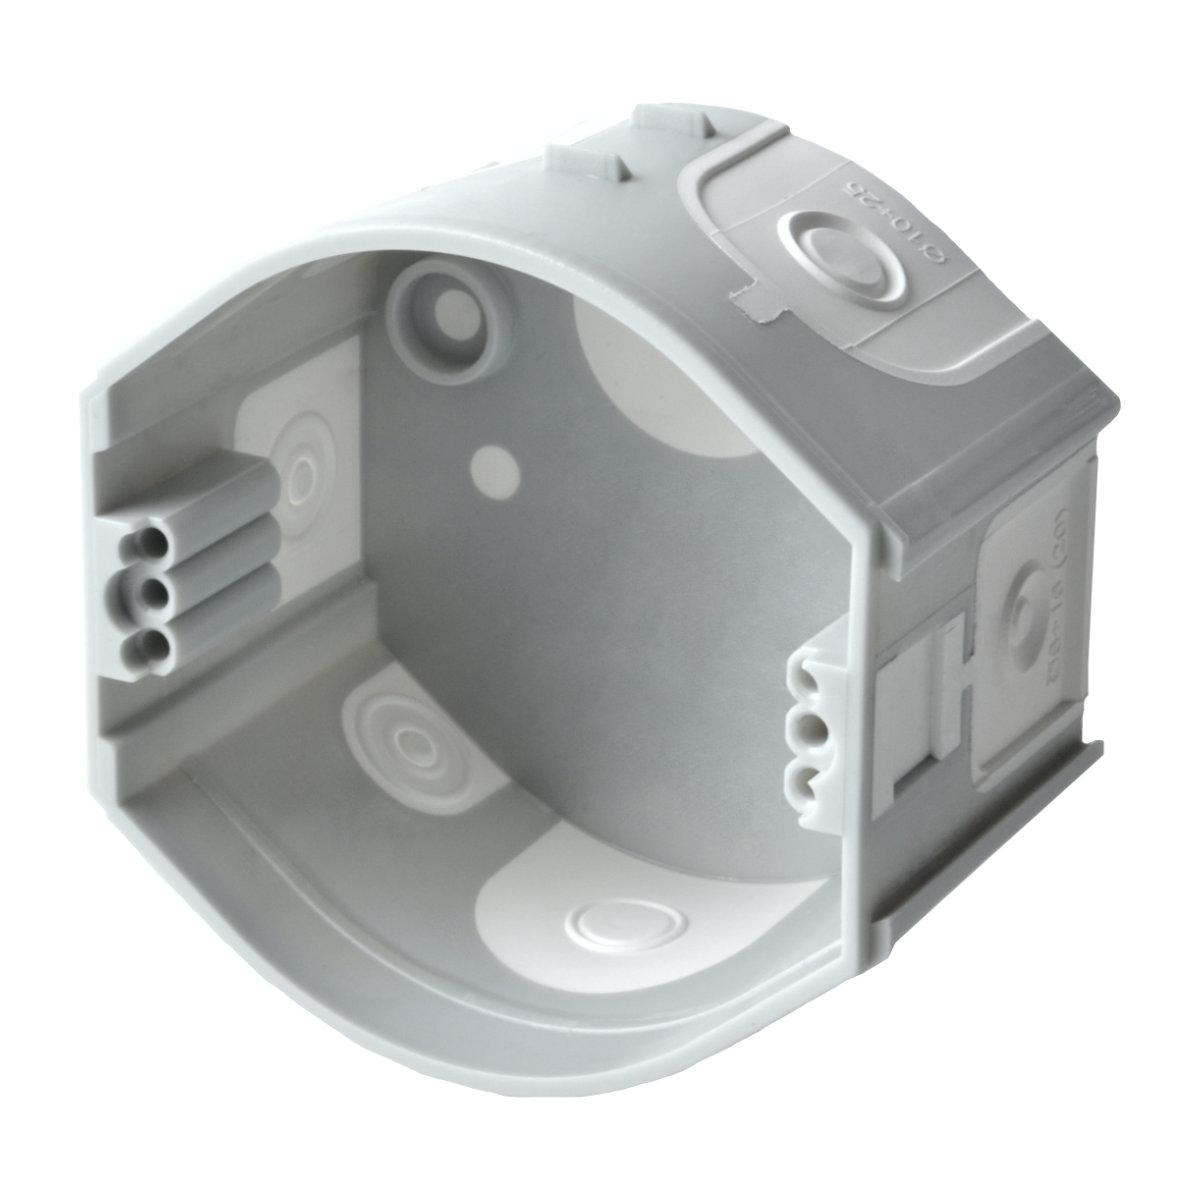 Škatuľa KP 68/D KA oválna pod omietku s membránami, spojovacia, prístrojová, 2x vrut (hĺbka 45mm) kp 68 d